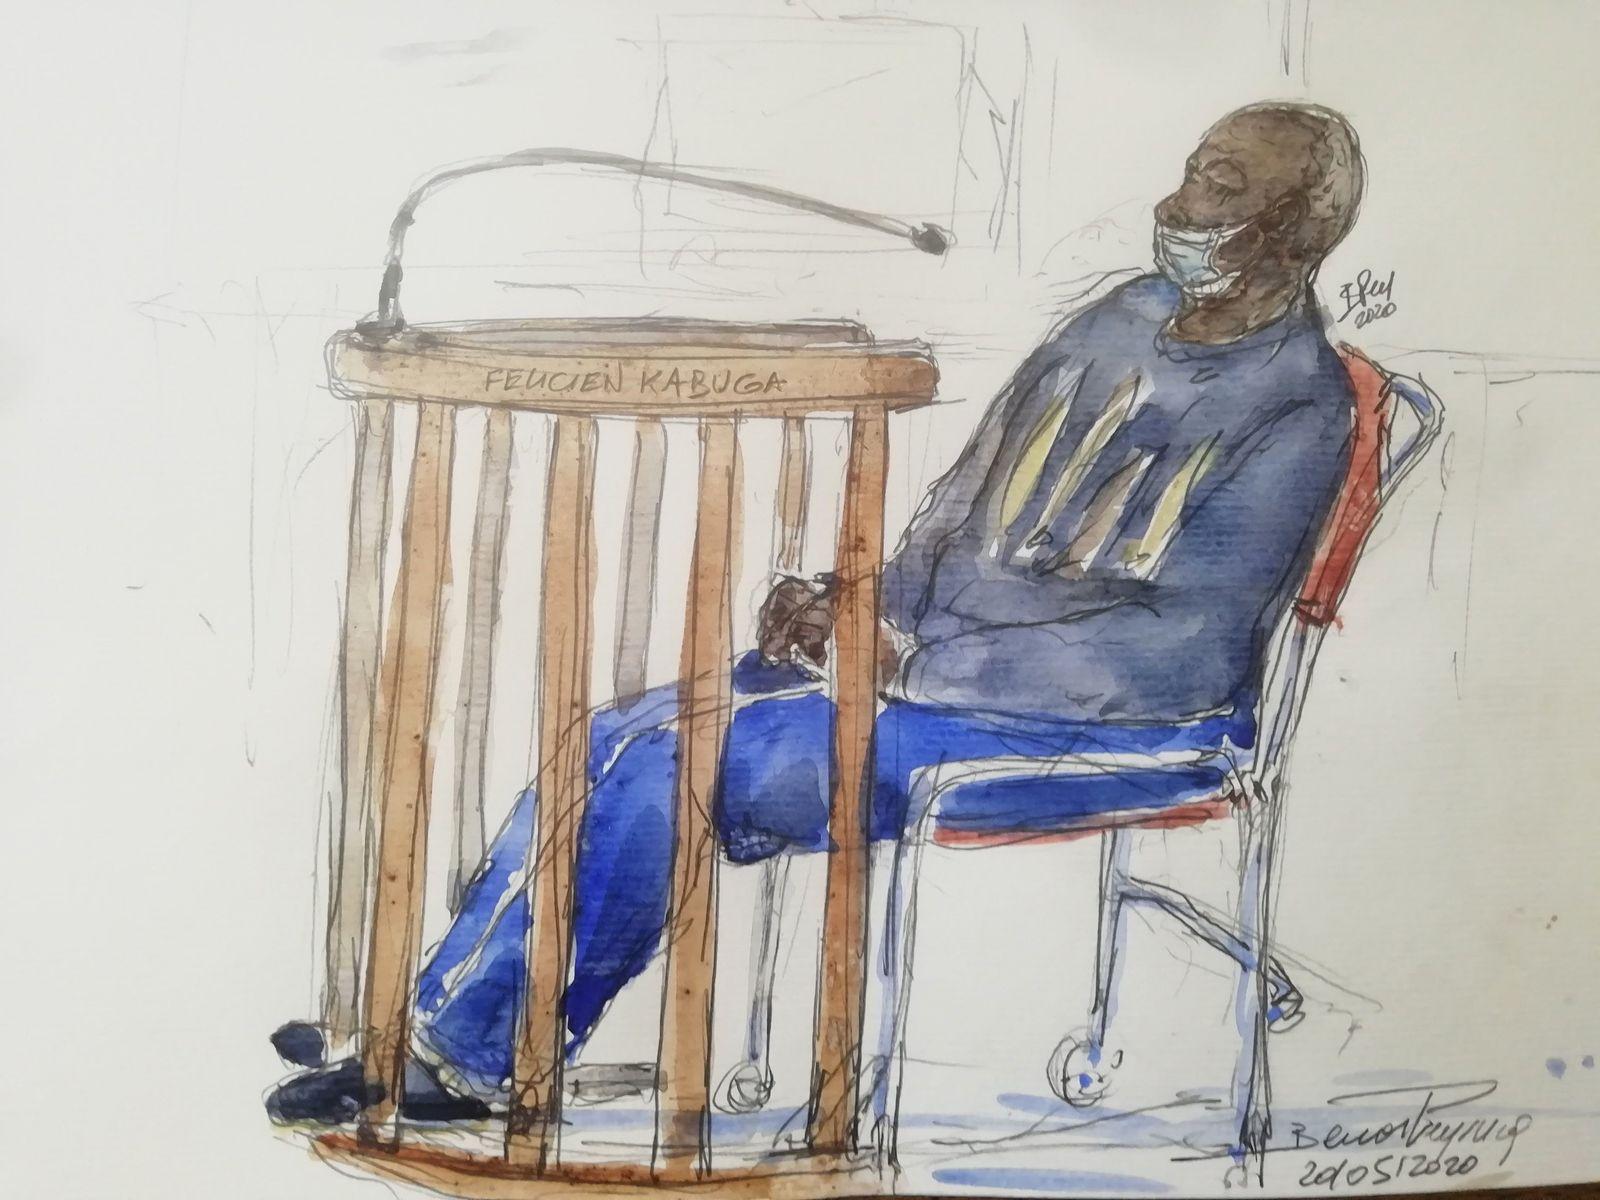 Völkermord-Verdächtiger wird zunächst nach Den Haag überstellt